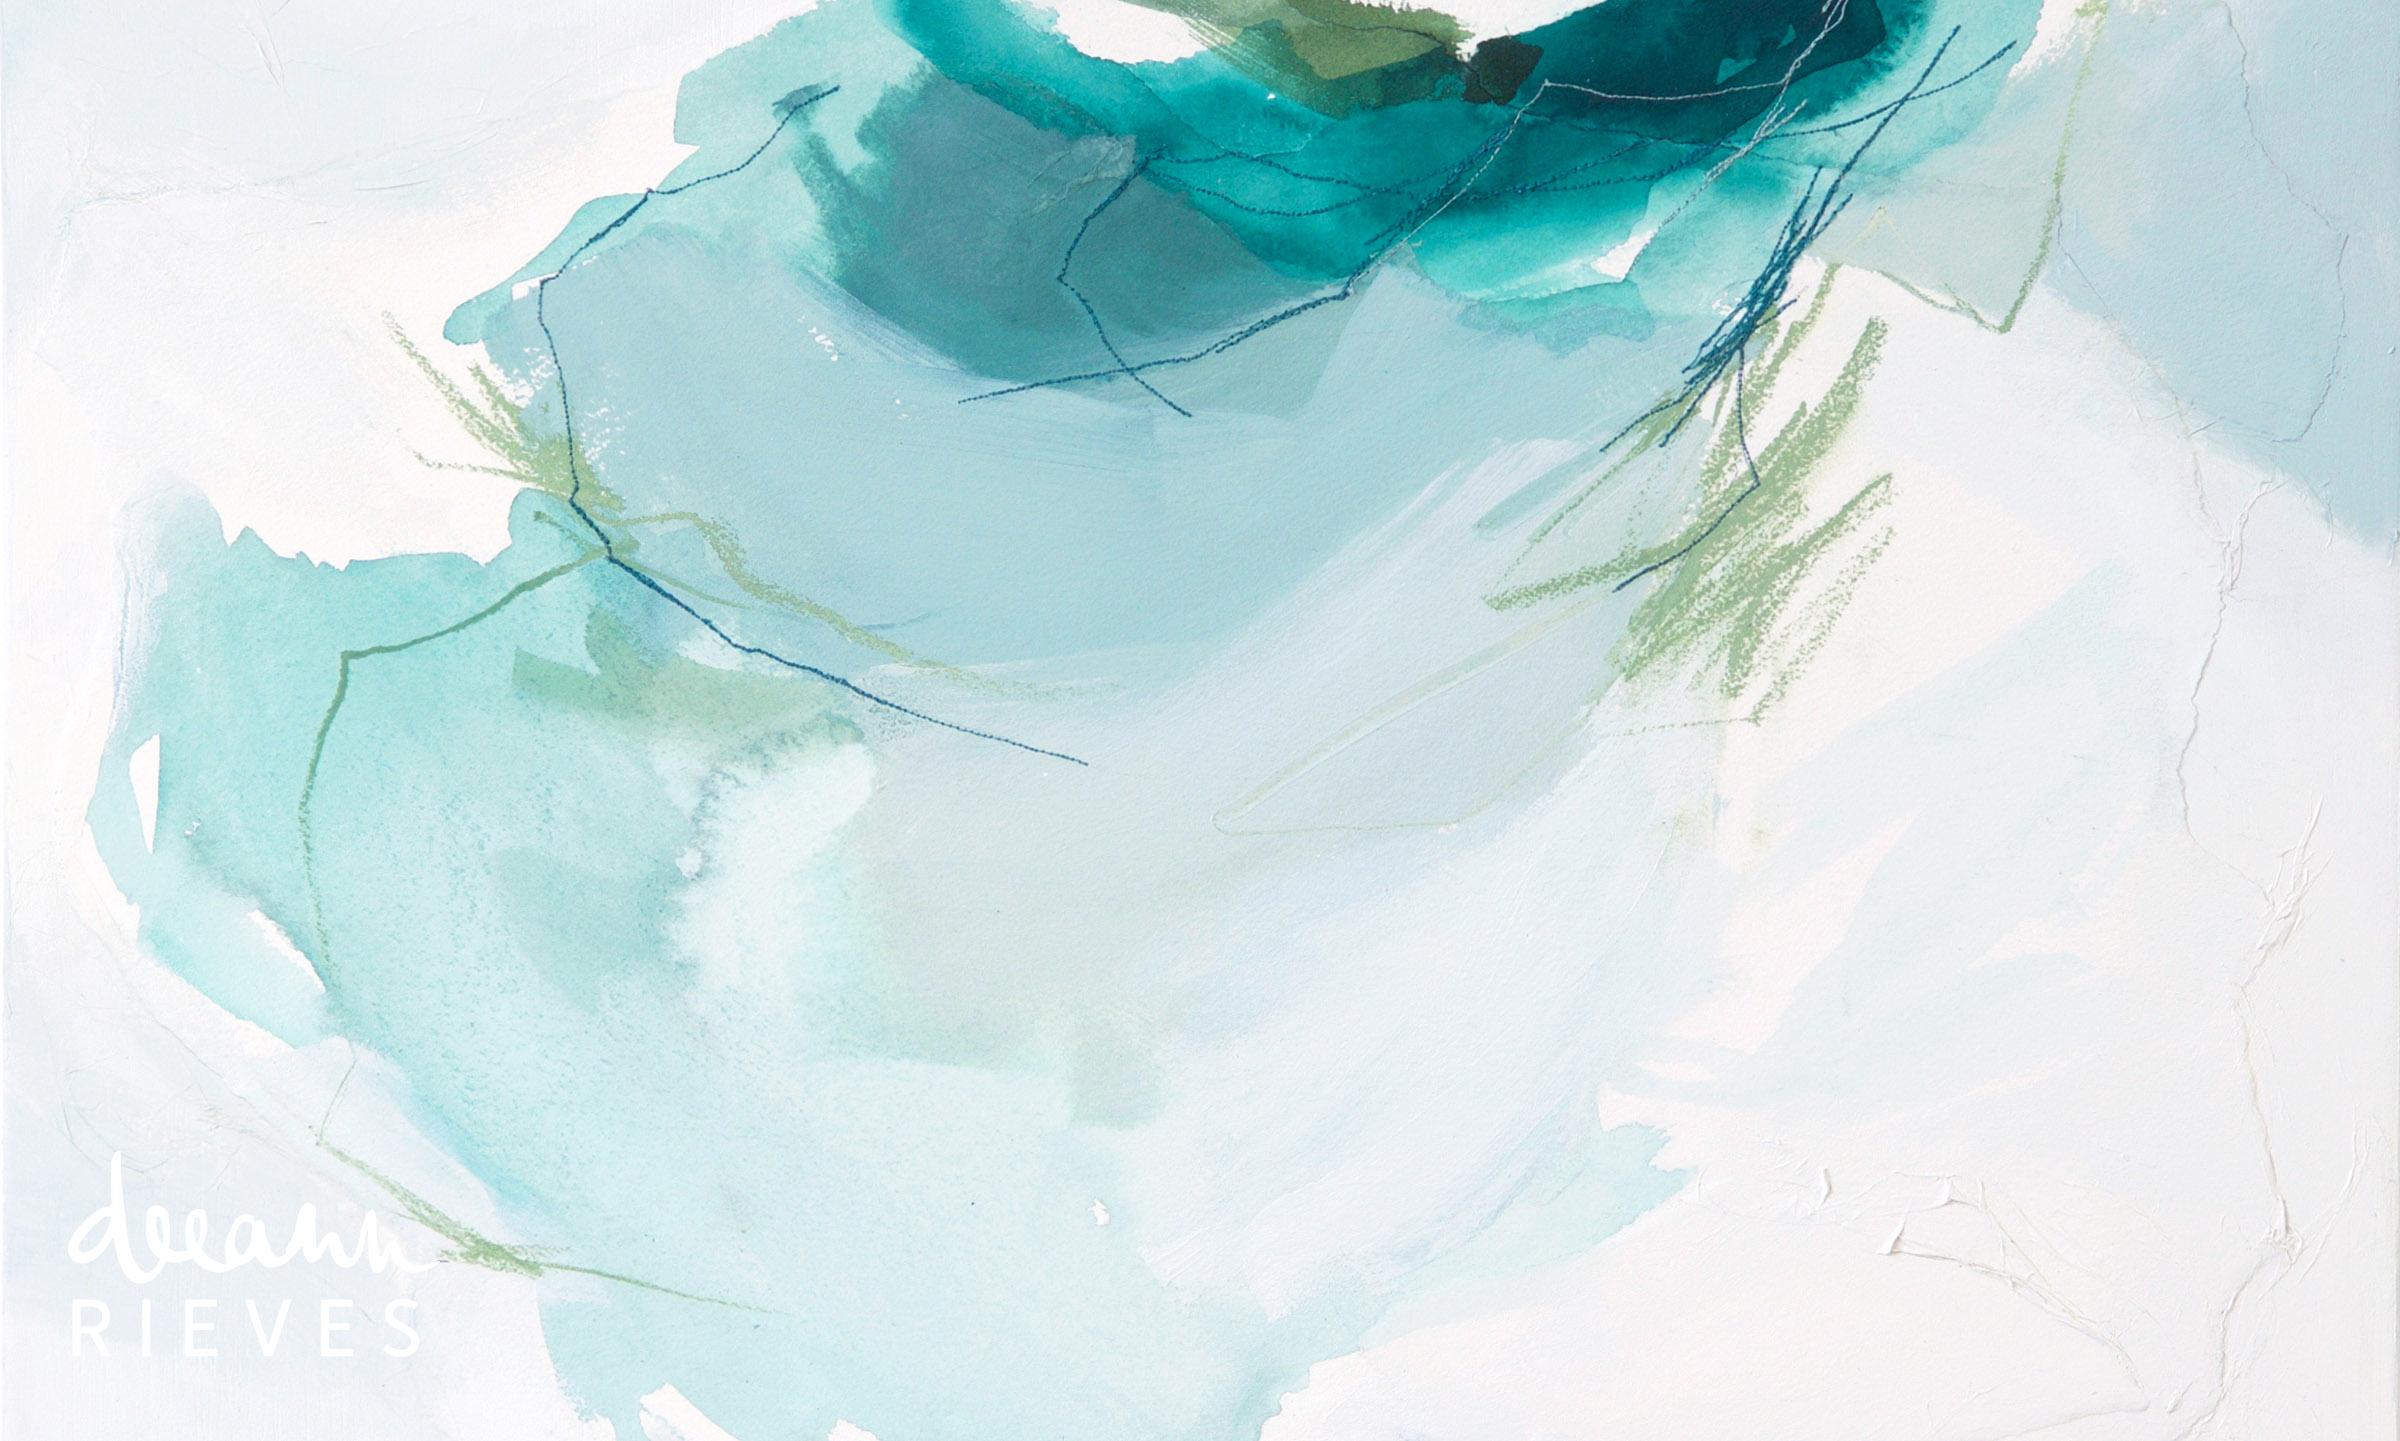 deeann-rieves-abstrat-emerald-green.jpg